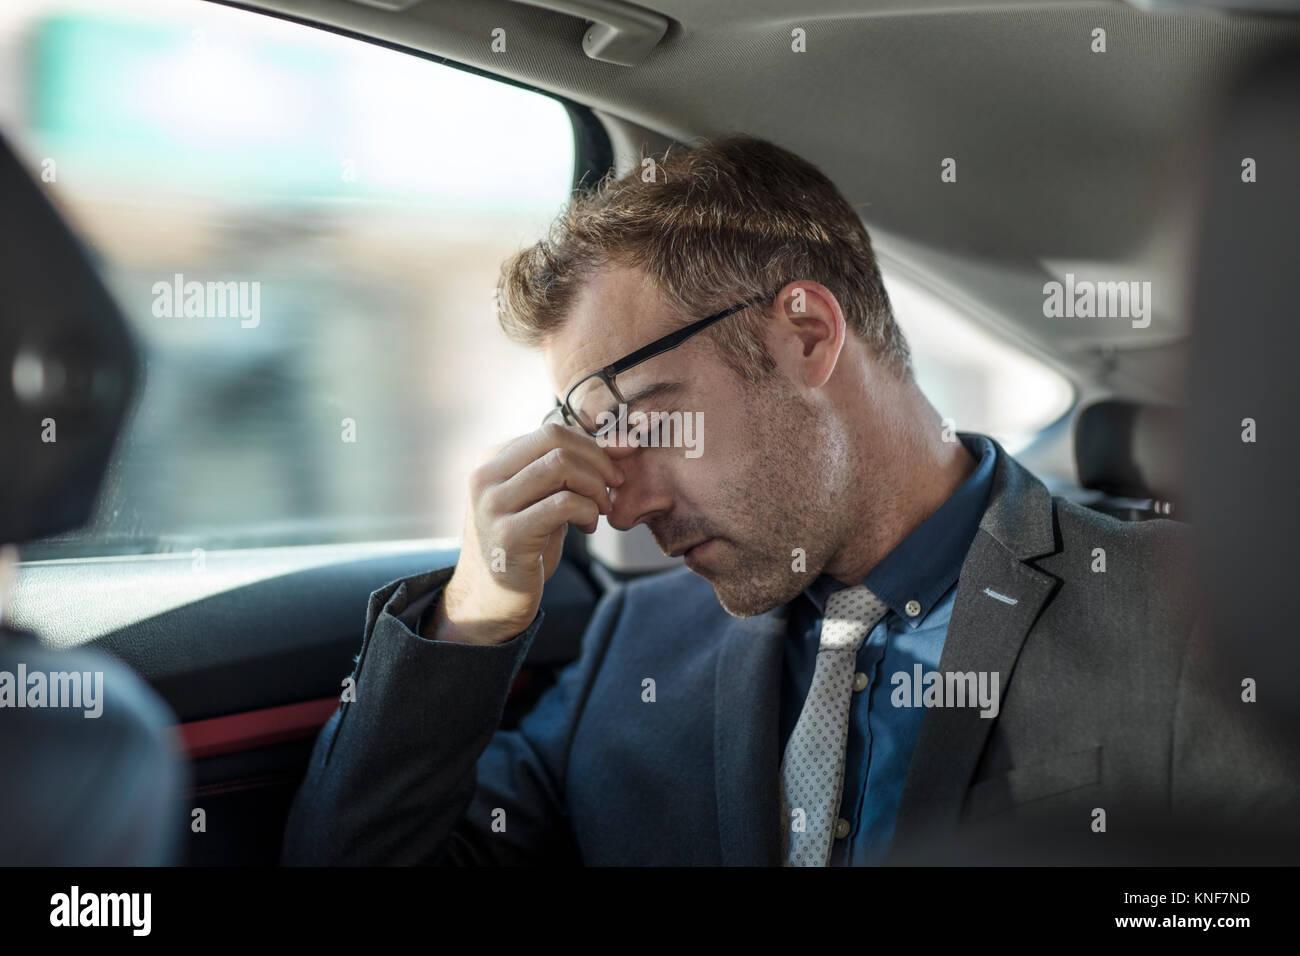 Portrait en arrière de voiture, se frottant les yeux fatigués Photo Stock